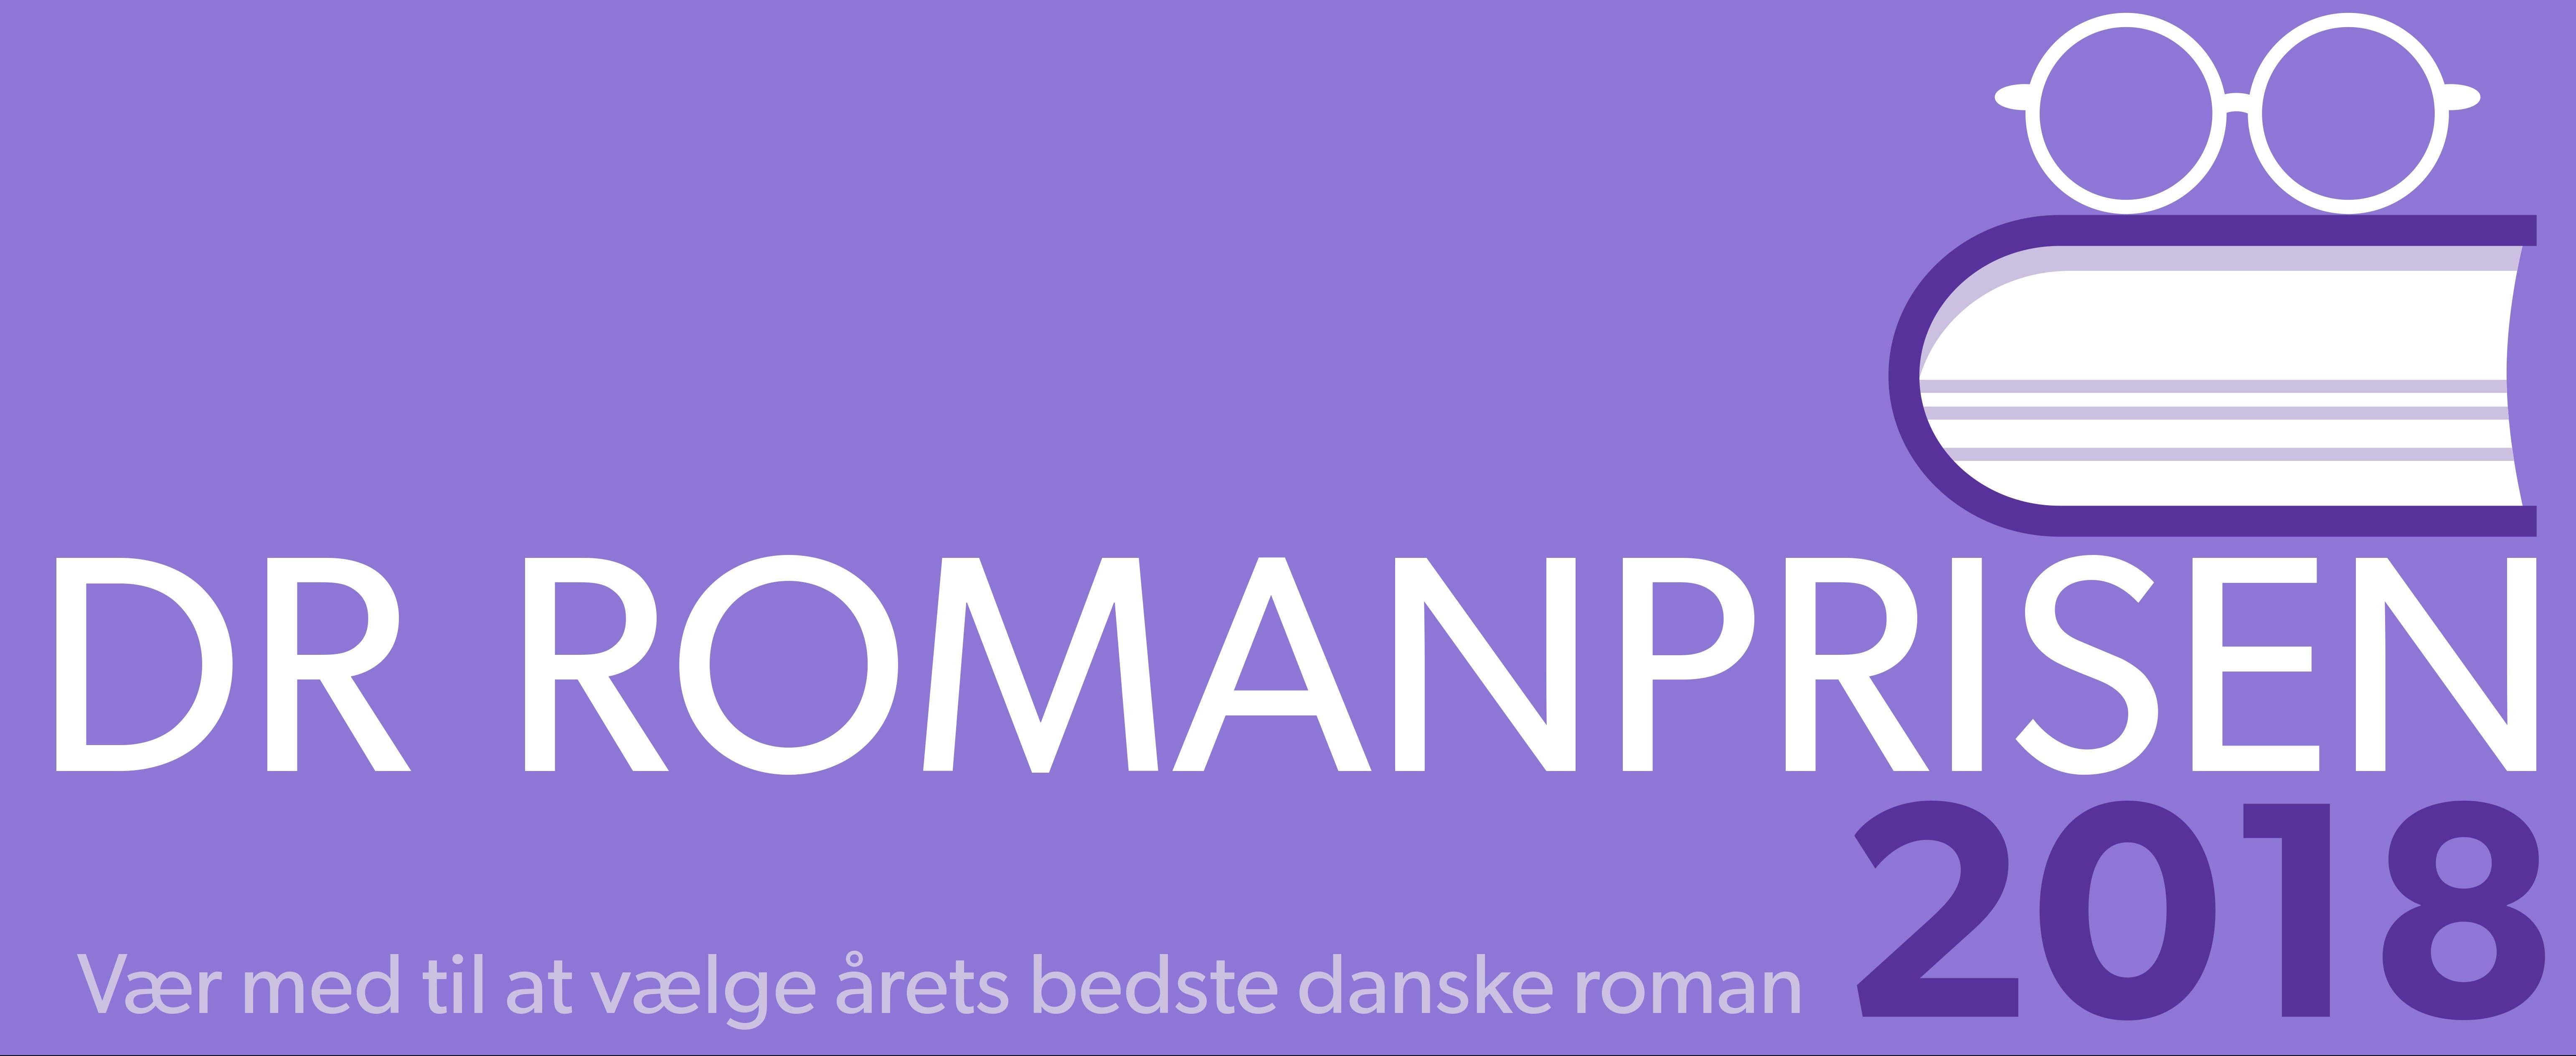 dr_romanprisen_1480x606_2.jpg